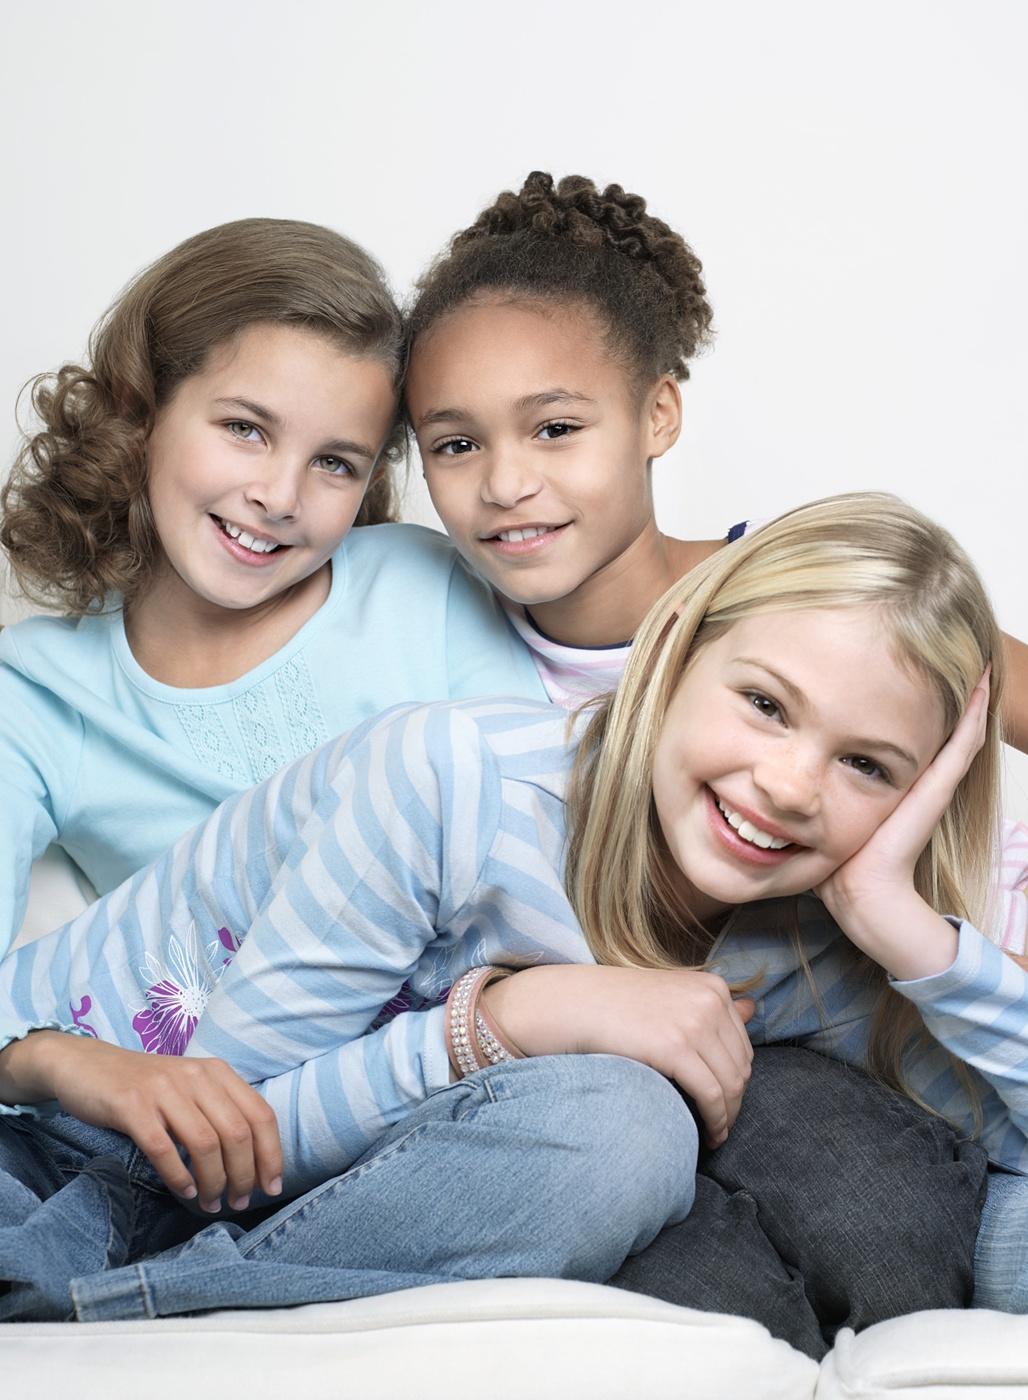 Drei Mädchen lachen zusammen.